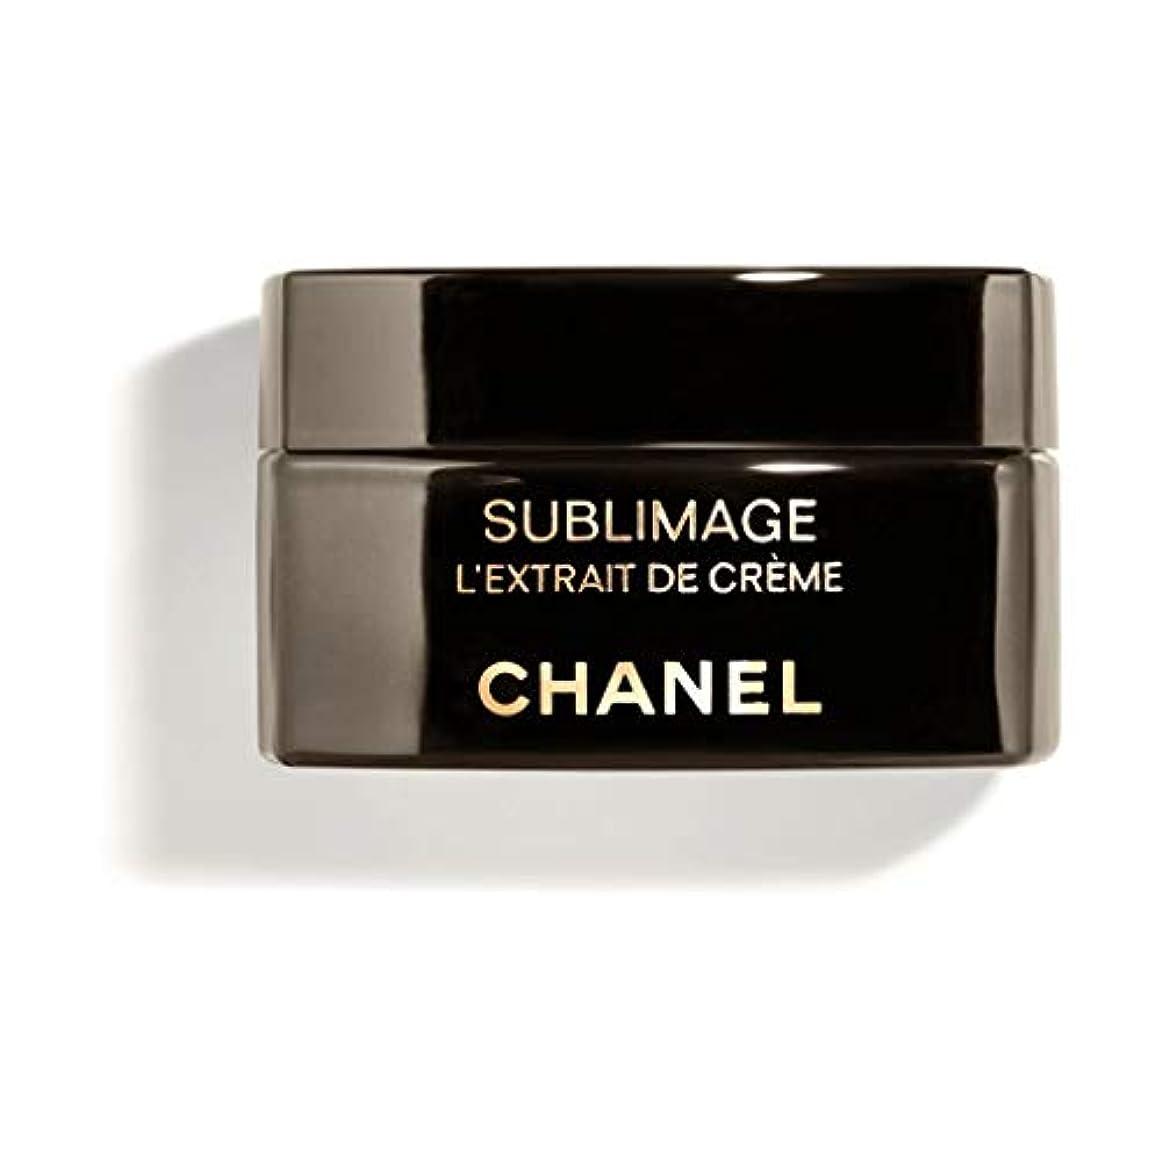 評議会一貫性のないセレナCHANEL(シャネル) SUBLIMAGE L EXTRAIT DE CREME サブリマージュ レクストレ ドゥ クレーム 50g